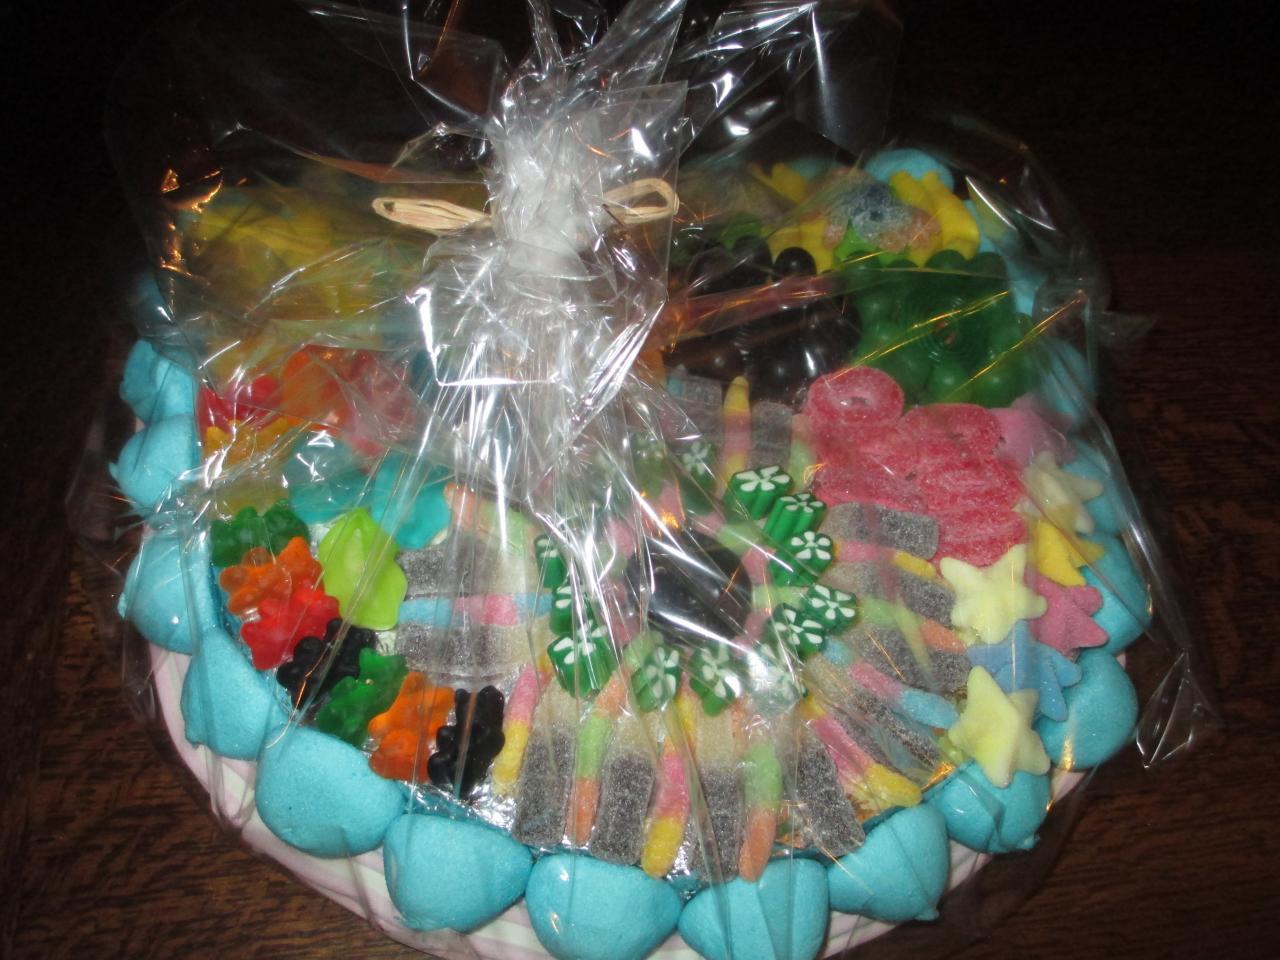 gâteau de bonbons emballé pour la vente